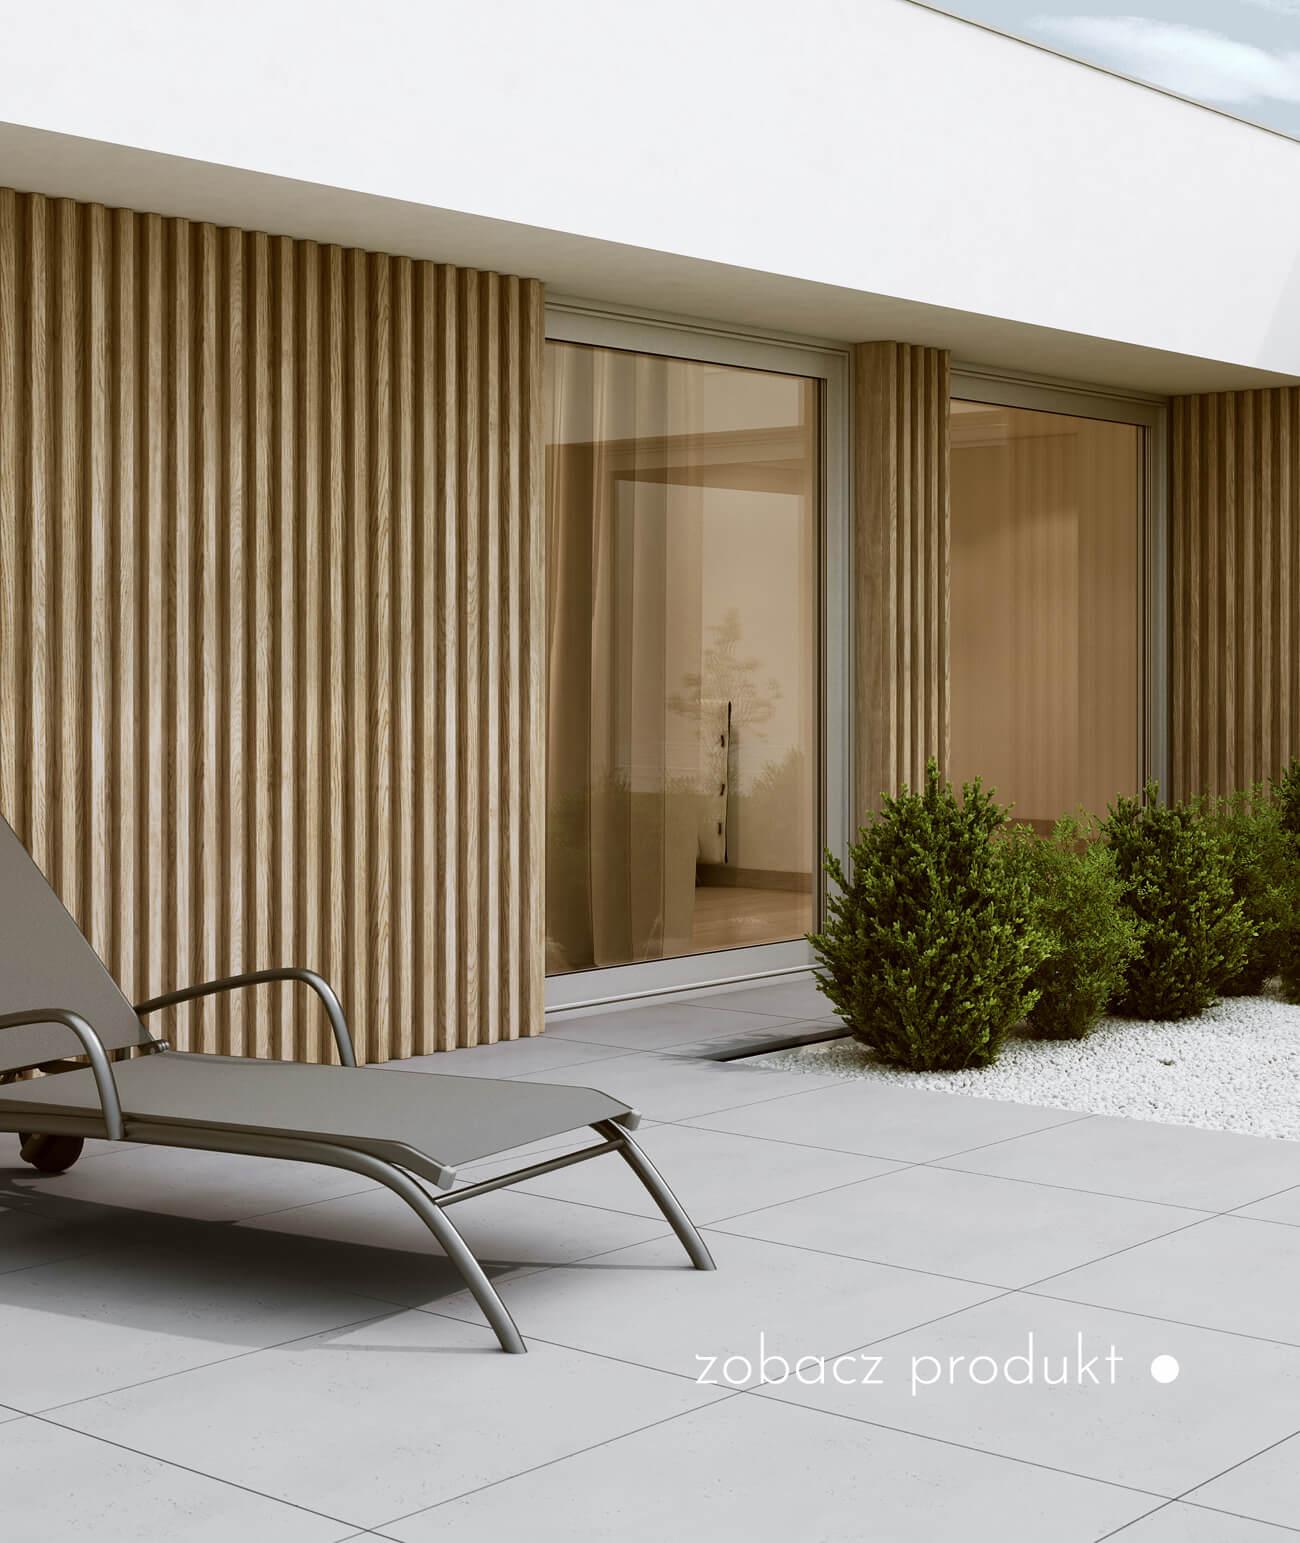 betonowe-plyty-podlogowe-i-tarasowe-beton-architektoniczny_1034-22835-b1-siwo-bialy---betonowa-plyta-podlogowa-i-tarasowa-beton-architektoniczny